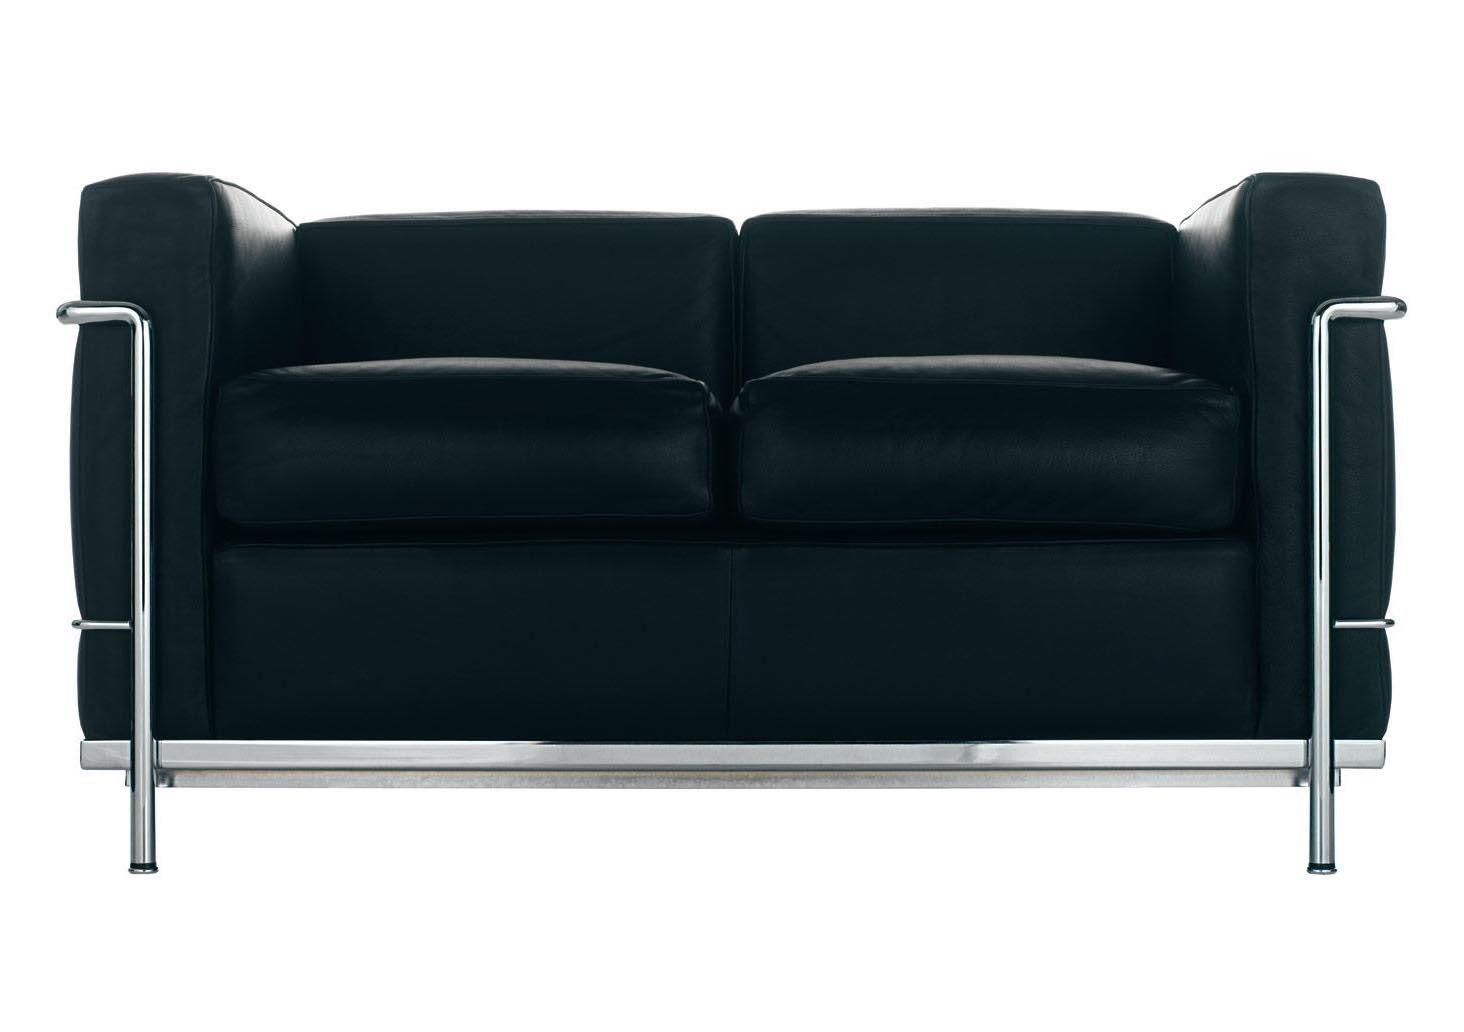 cassina-lc2-divano